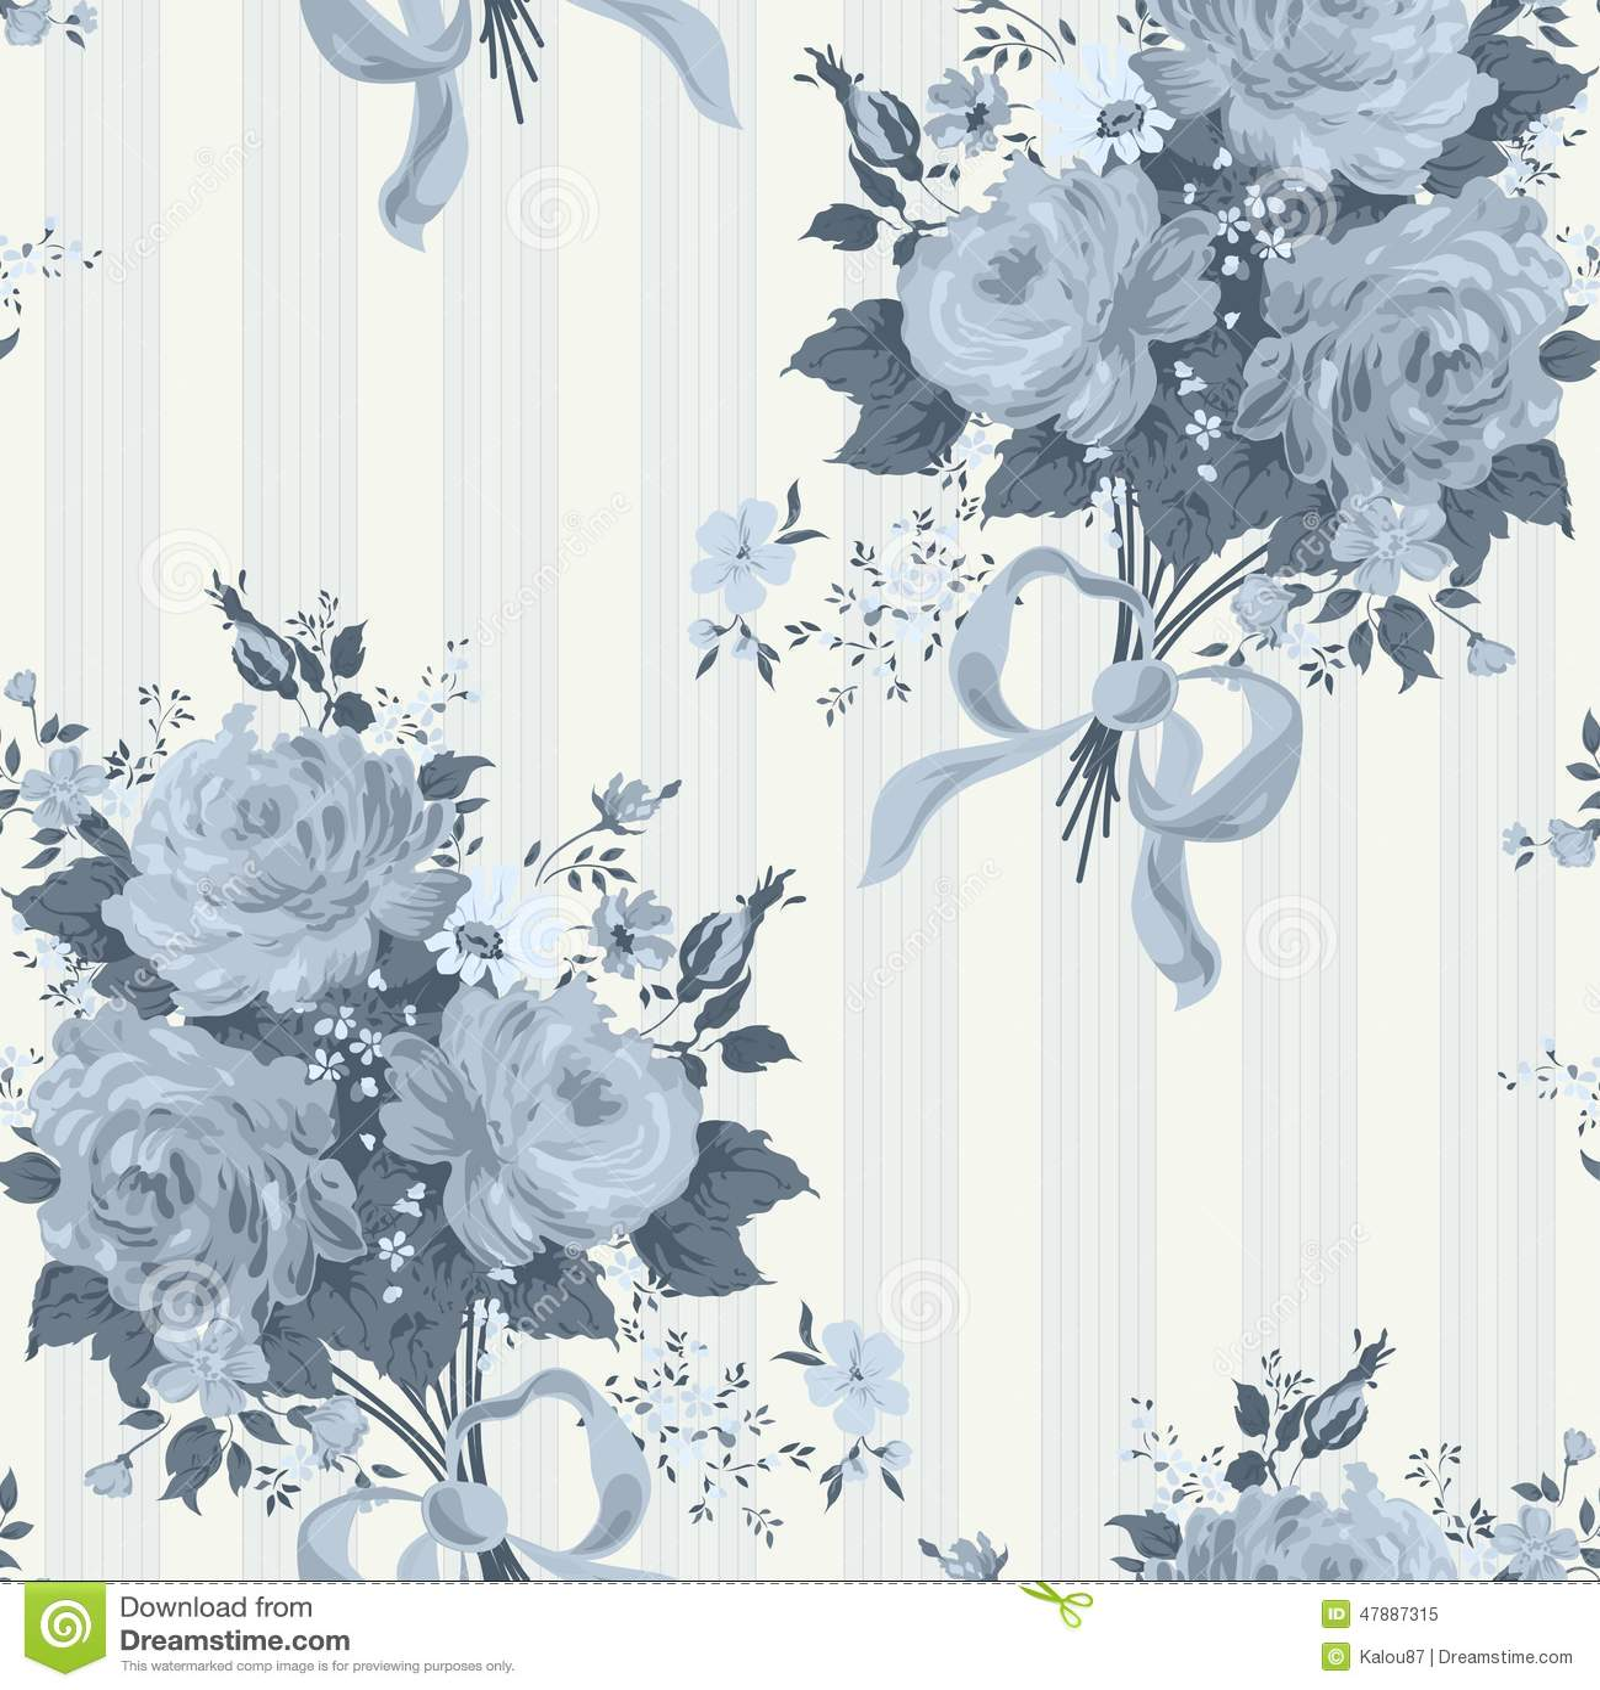 blue rose vintage wallpaper floral pattern stock image